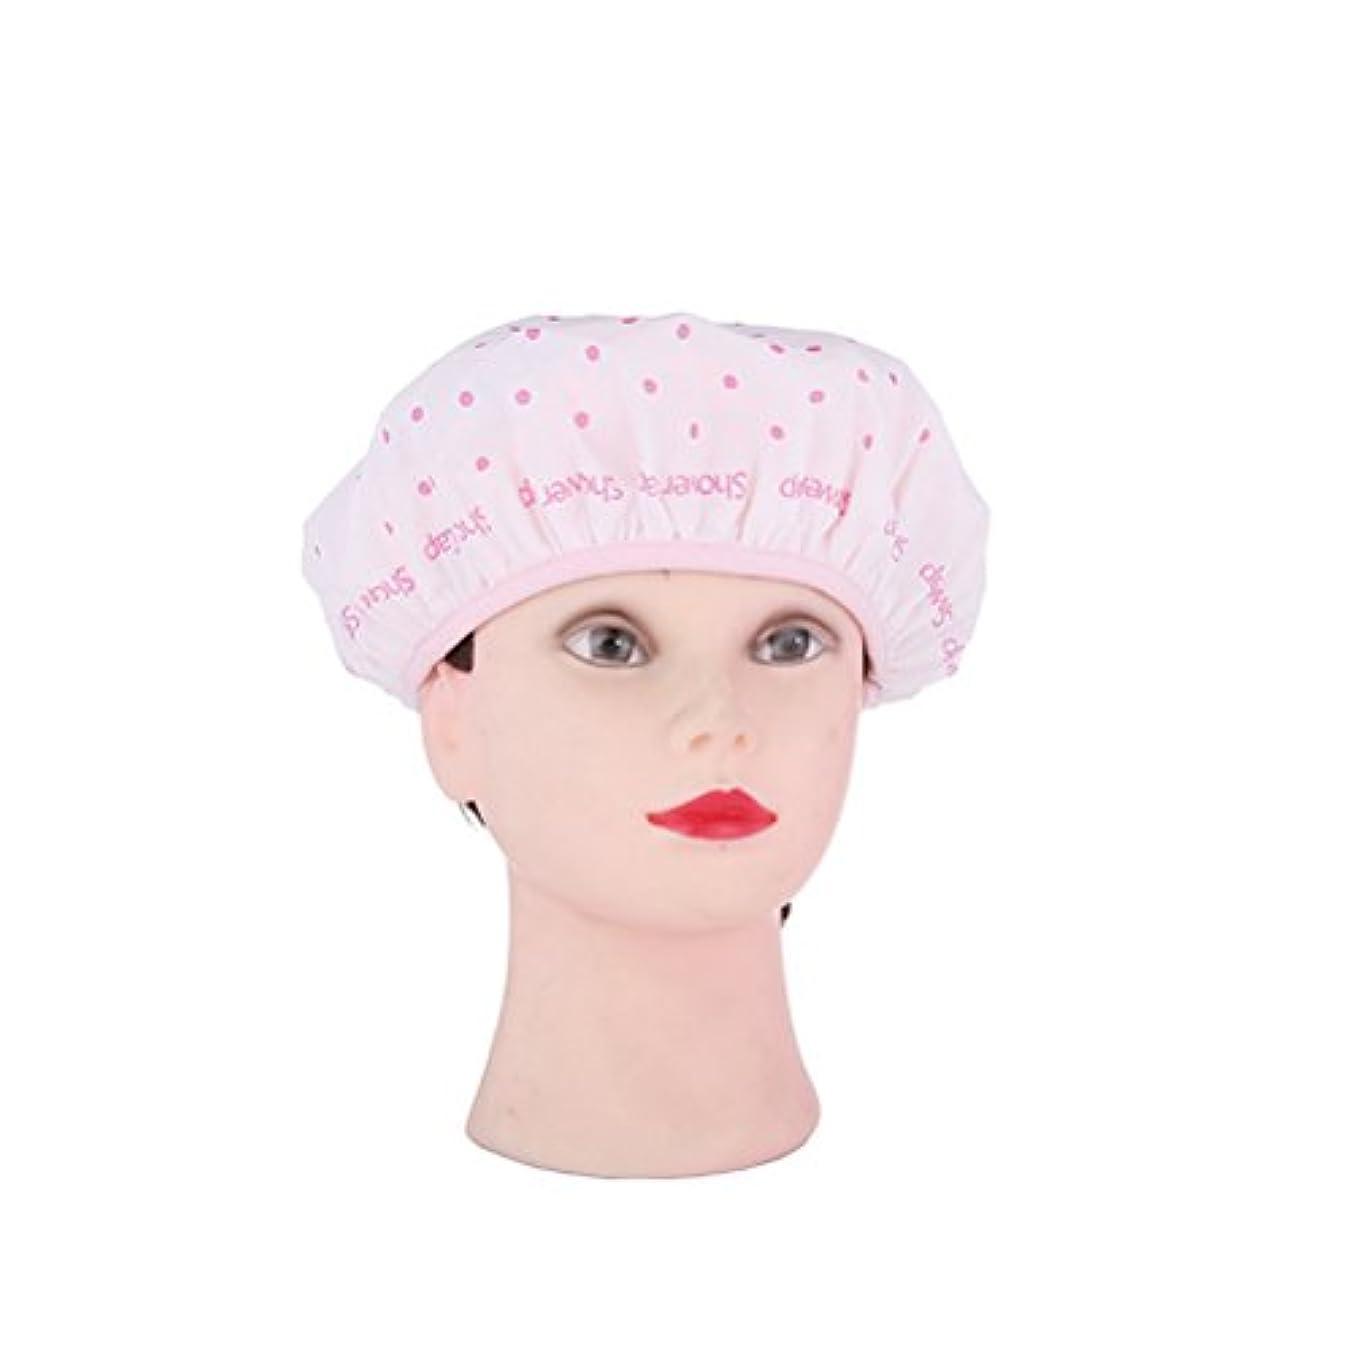 オデュッセウスタフ矛盾ROSENICE シャワーキャップ防水性モールド抵抗性の洗えるシャワーキャップかわいいやわらかい髪の帽子(ピンク)